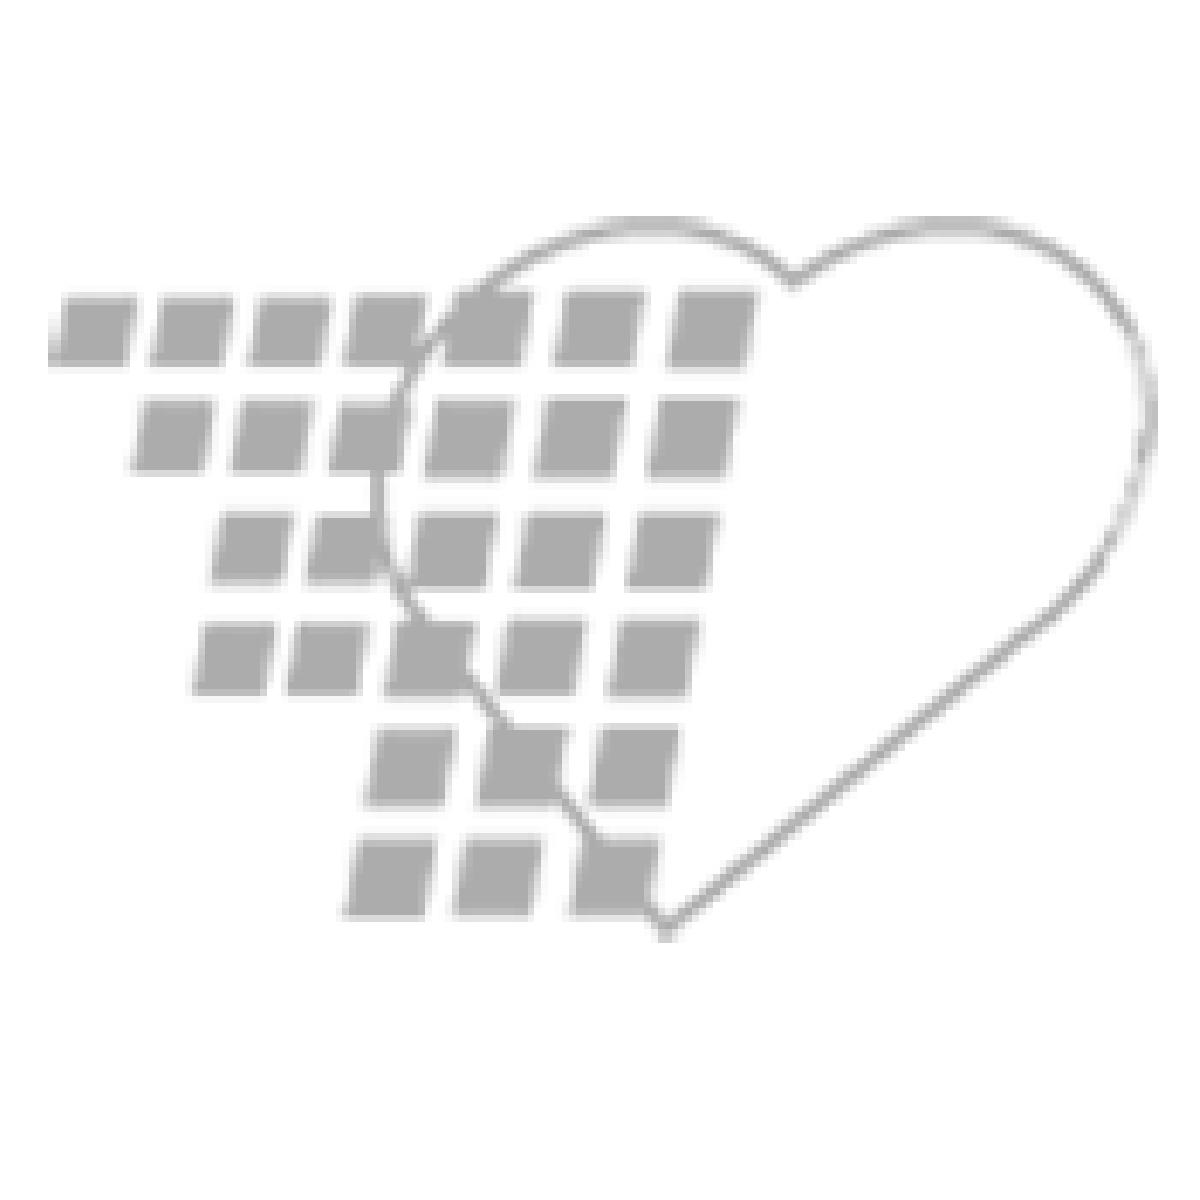 04-25-3360 30 Bin Light Gray Key Locking Medication Cart